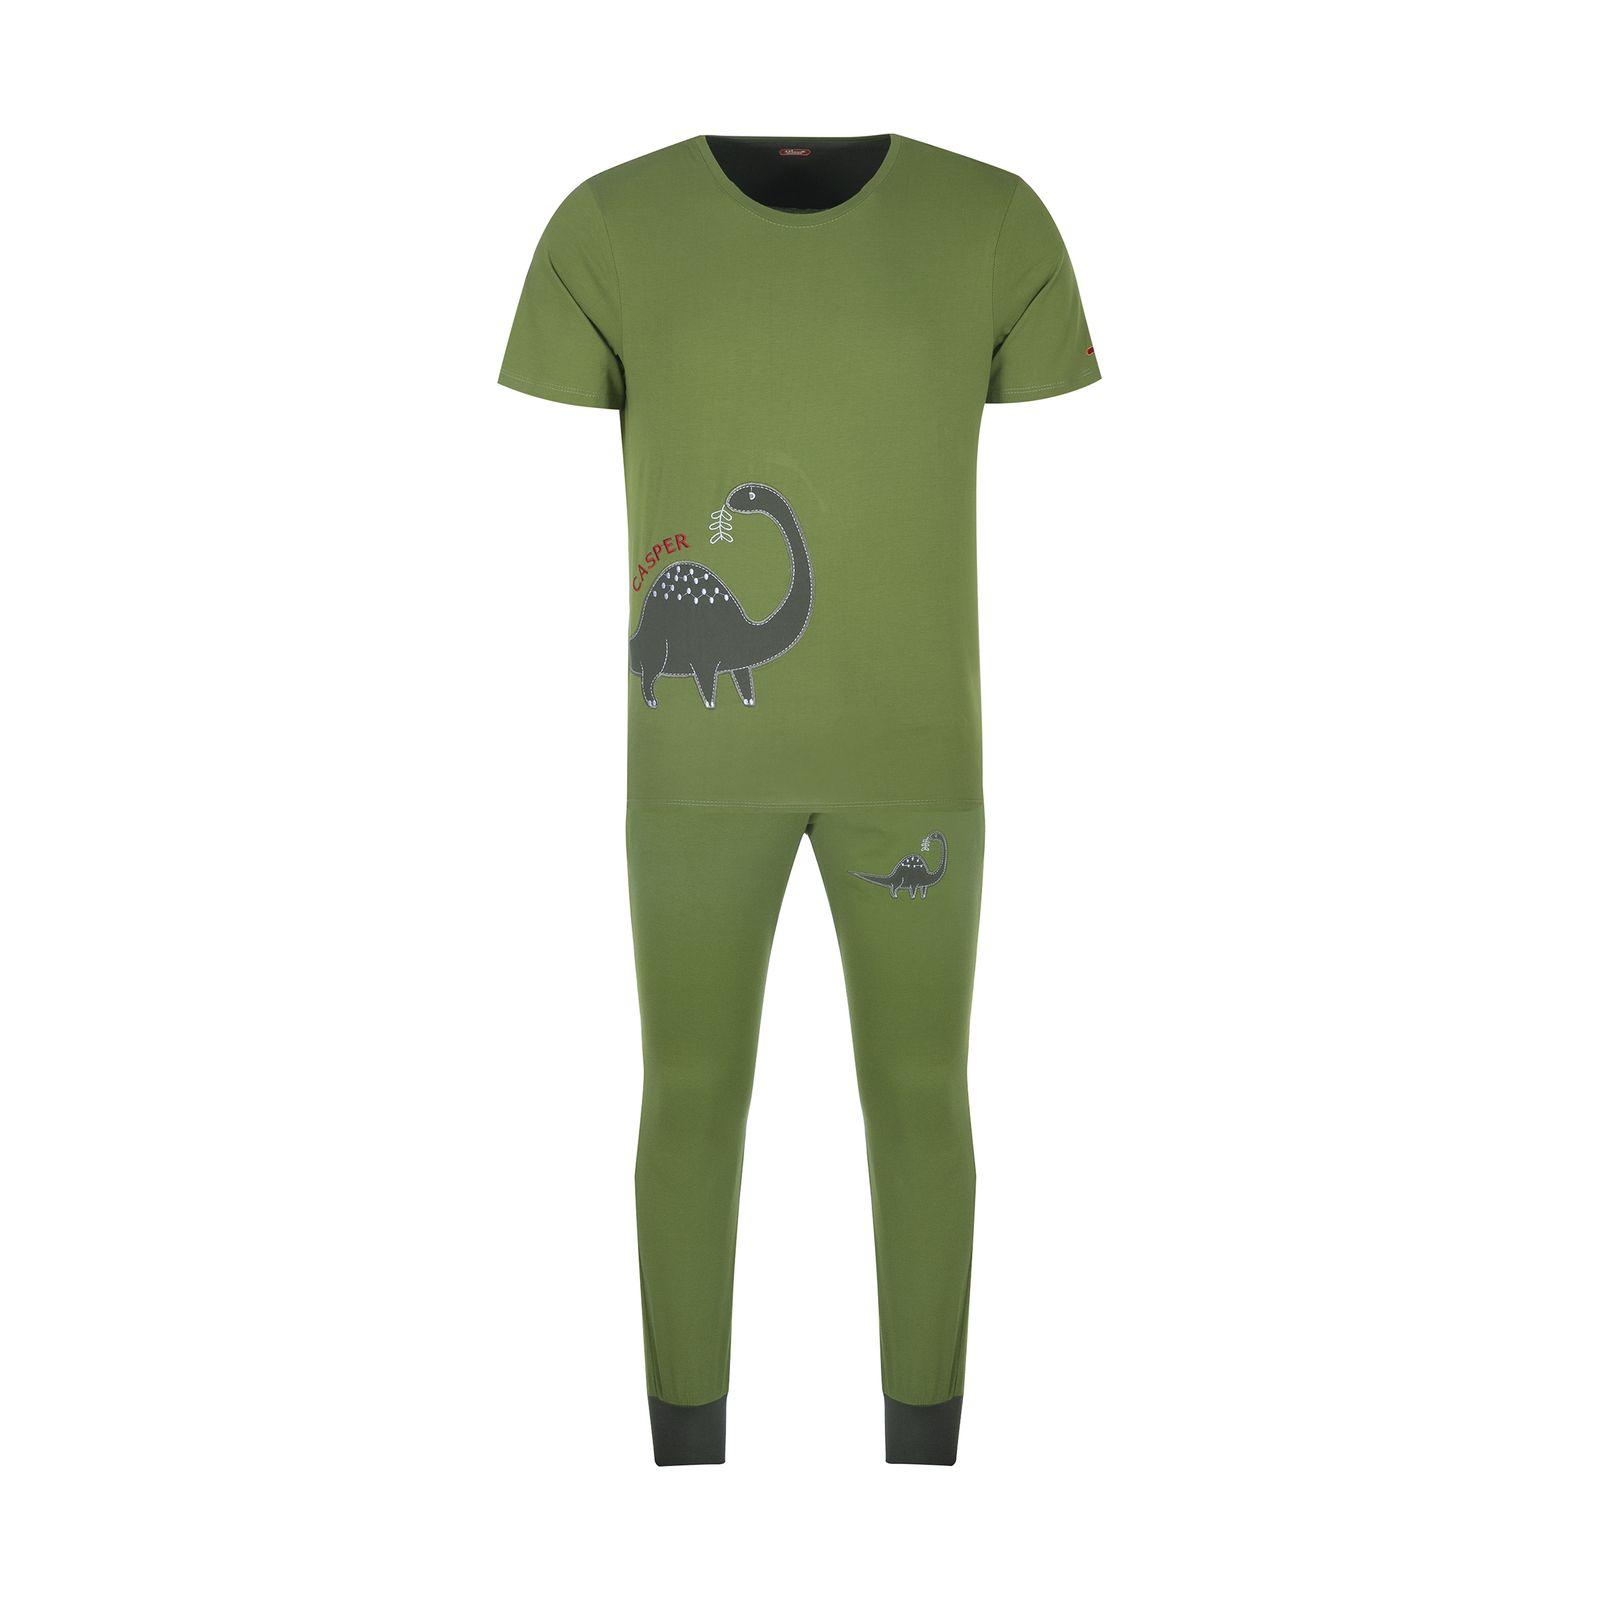 ست تی شرت و شلوارک راحتی مردانه مادر مدل 2041106-42 -  - 2